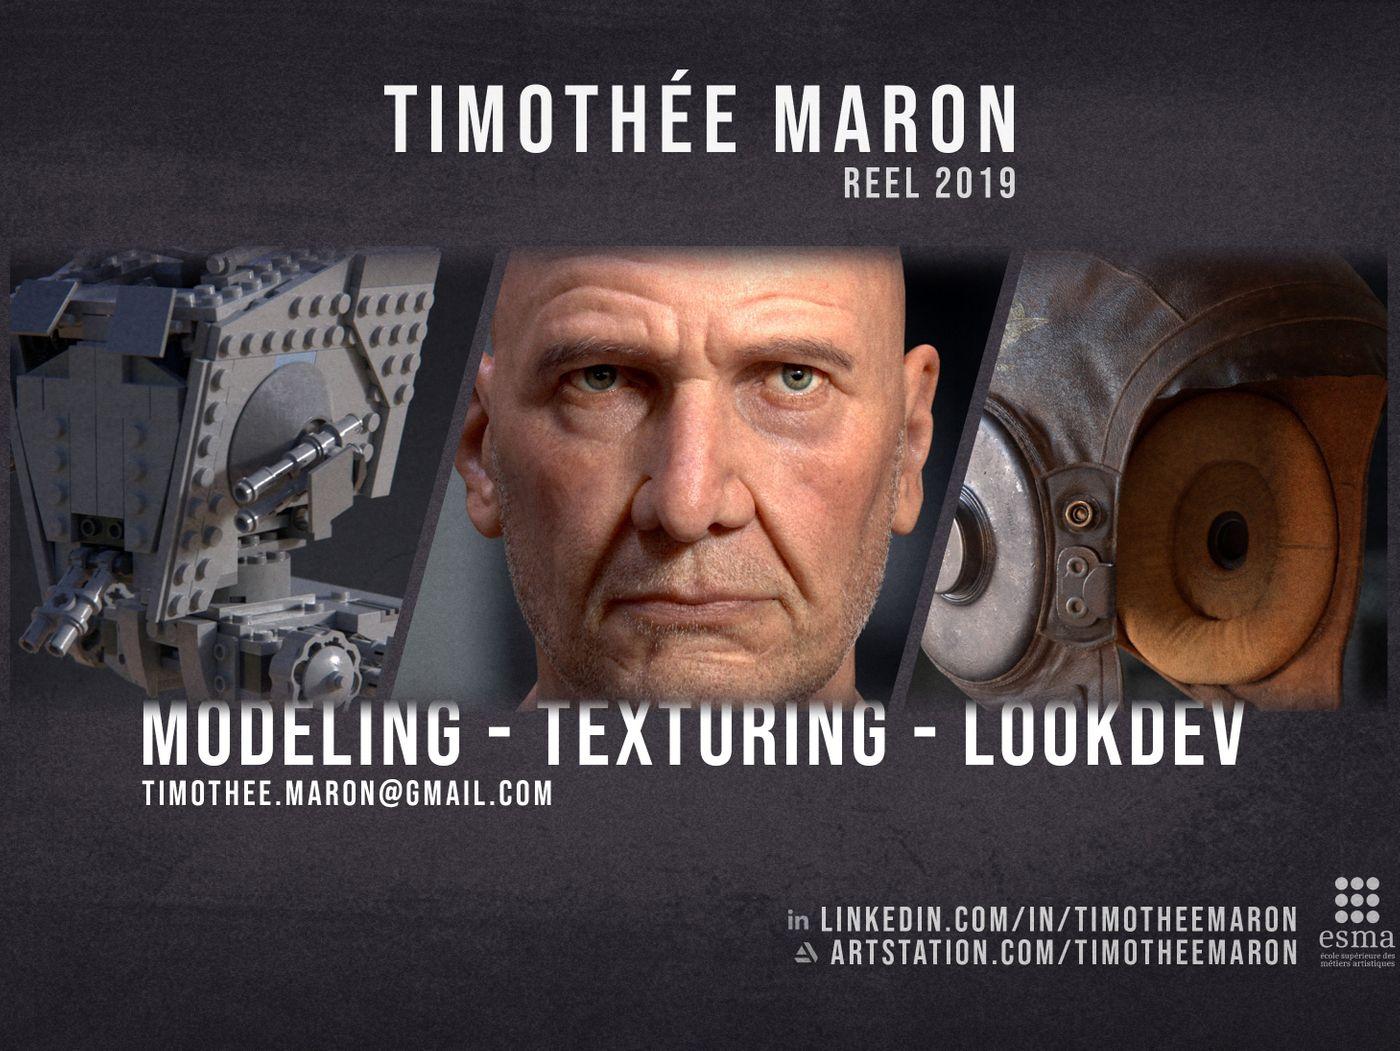 Modeling/Texturing/LookDev Reel